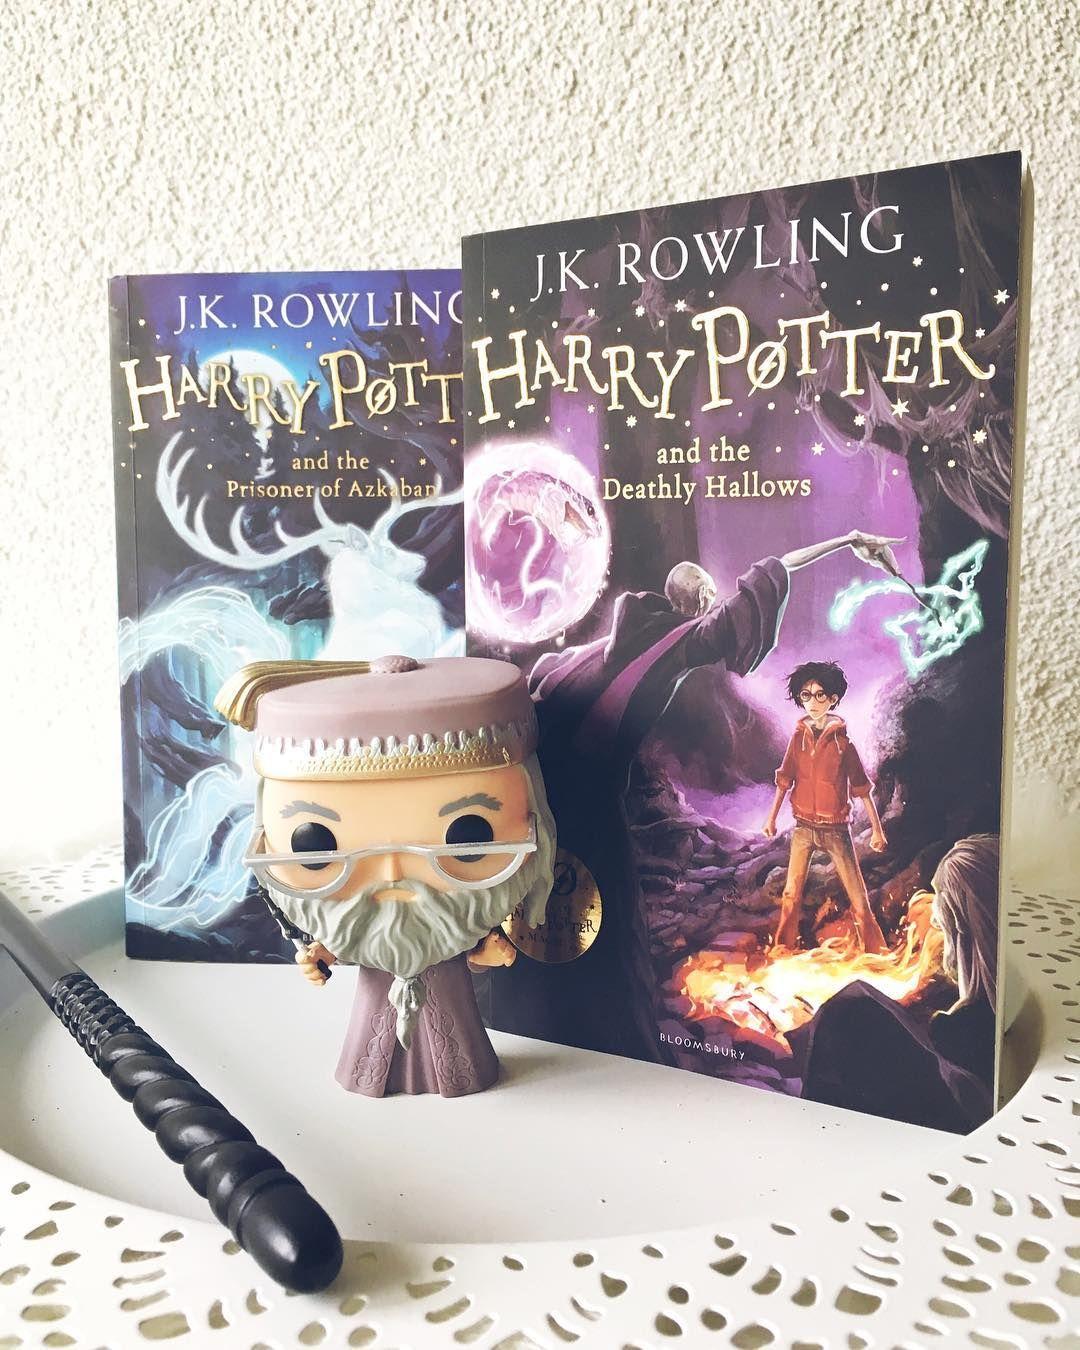 Hey Leute Heute Woeder Mal Ein Harry Potter Bild Einfach Immer Wieder Toll All Die Hp Sachen Hervor Zu Kramen Harry Potter Funko Harry Potter Harry Potter Fan